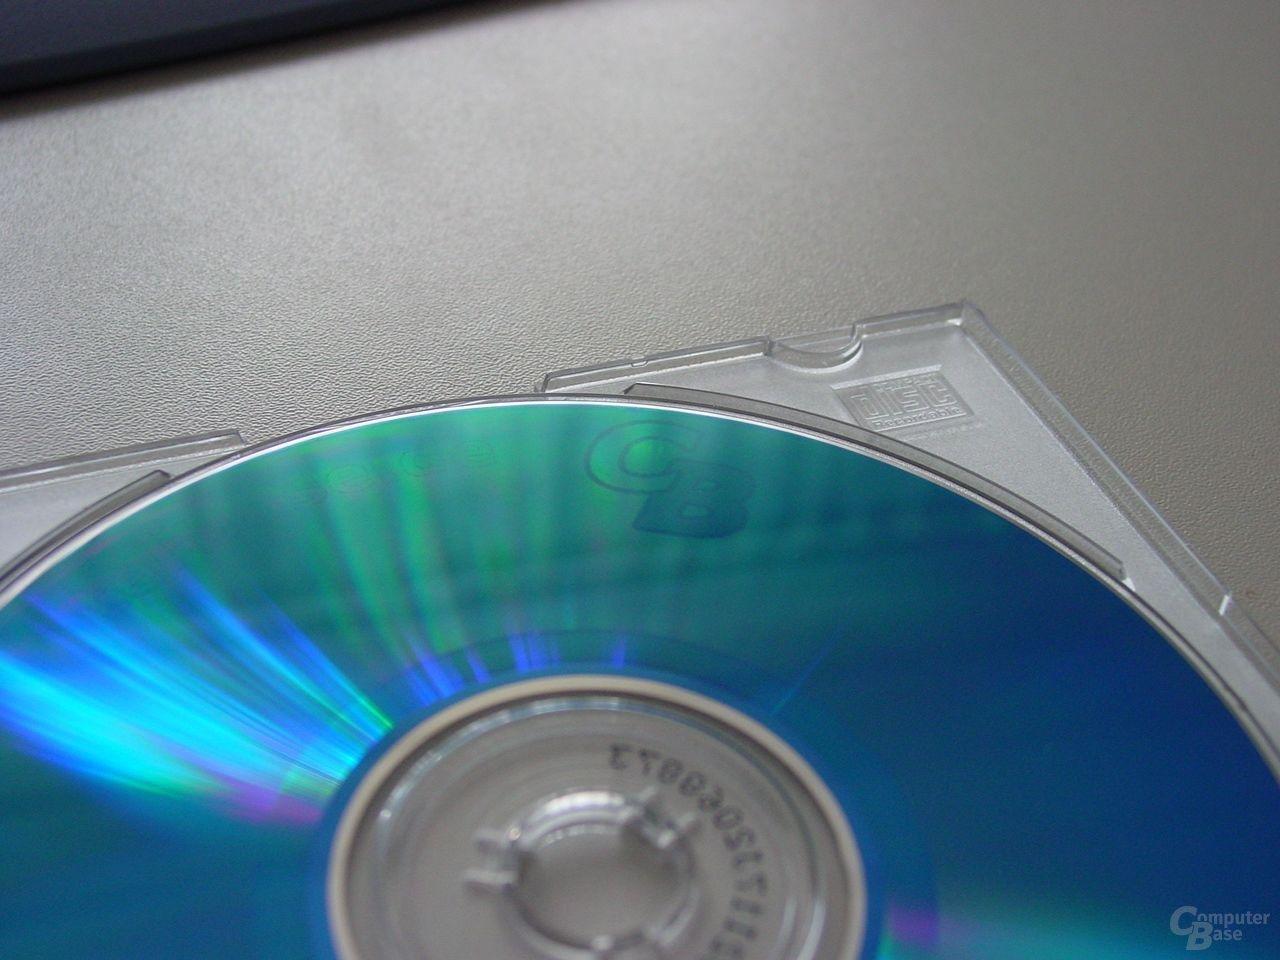 DiscT@2 - dunkle CD-Unterseite - Bild 1